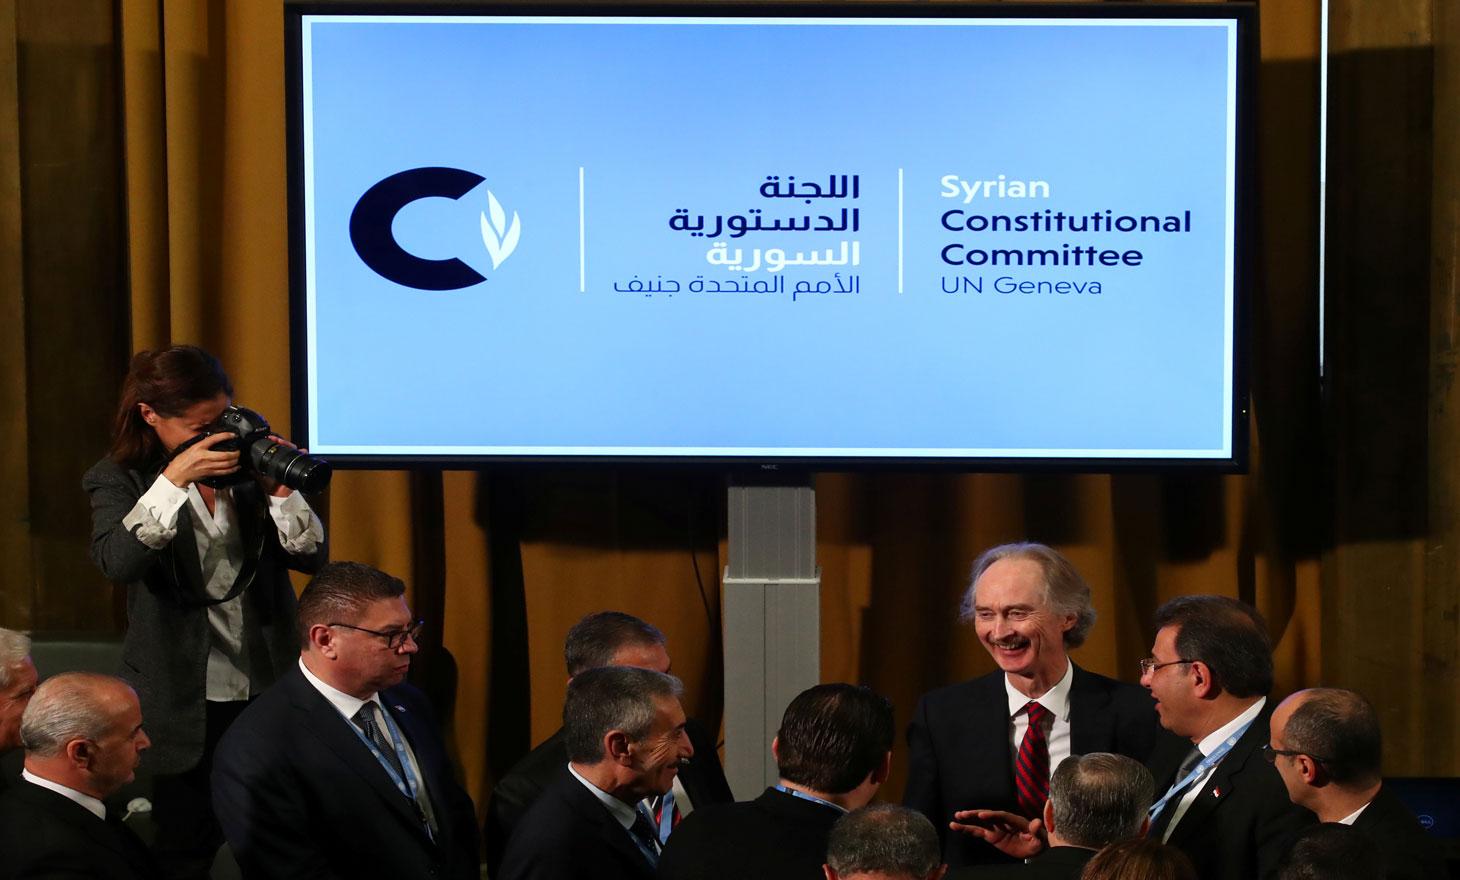 أيها السادة في اللجنة الدستورية .. لاتقزموا مطالب الشعب السوري وتعوموا الأسد..